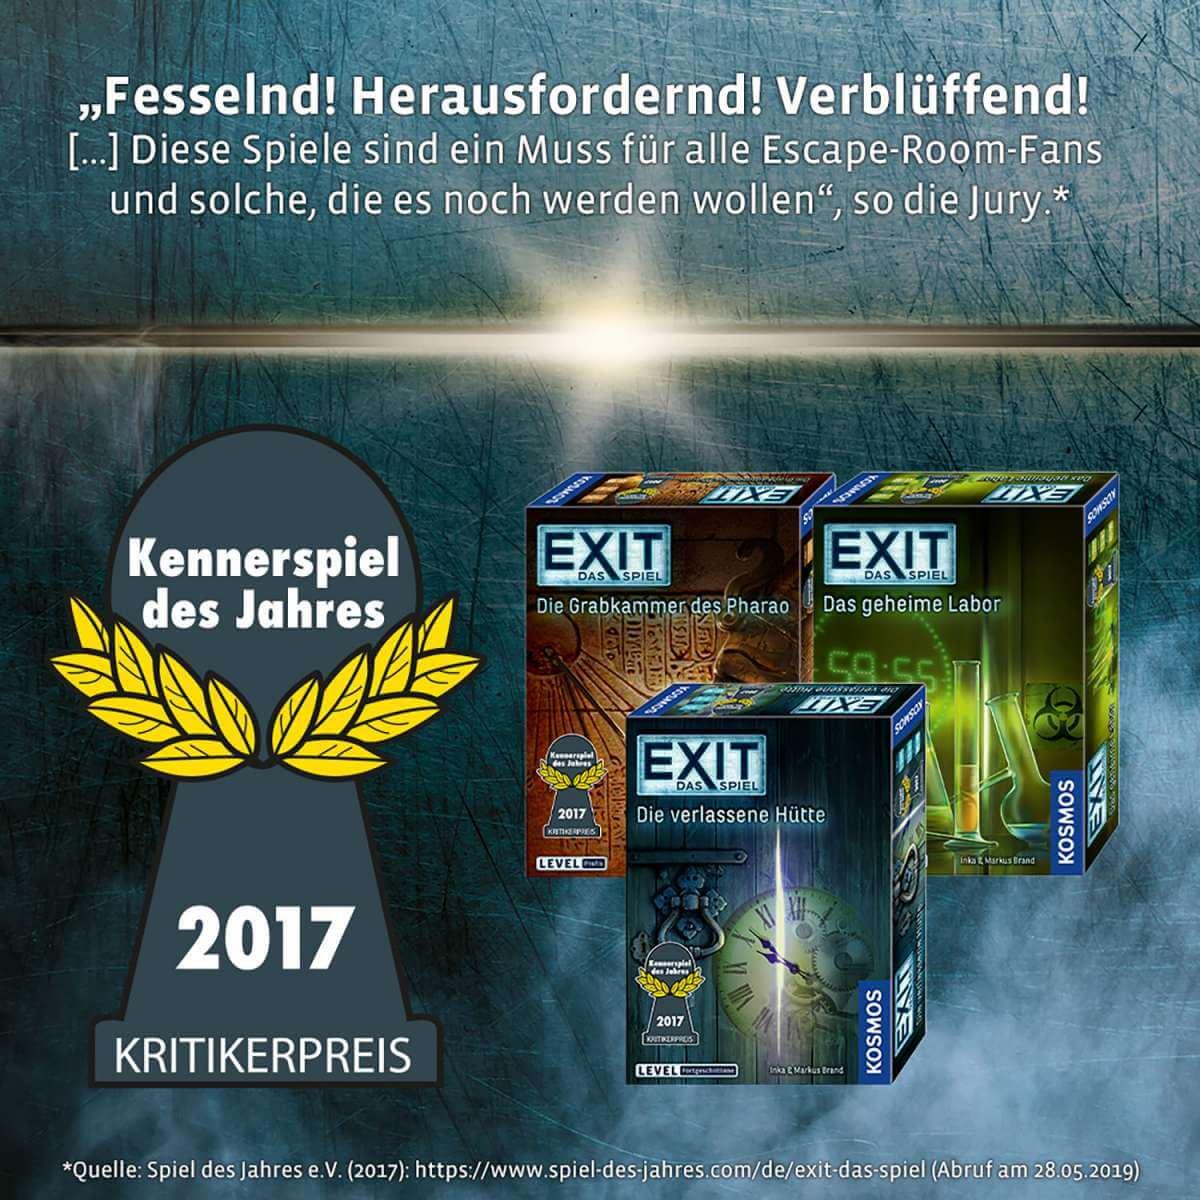 Kennerspiel des Jahres- EXIT - Das Spiel: Der Flug ins Ungewisse